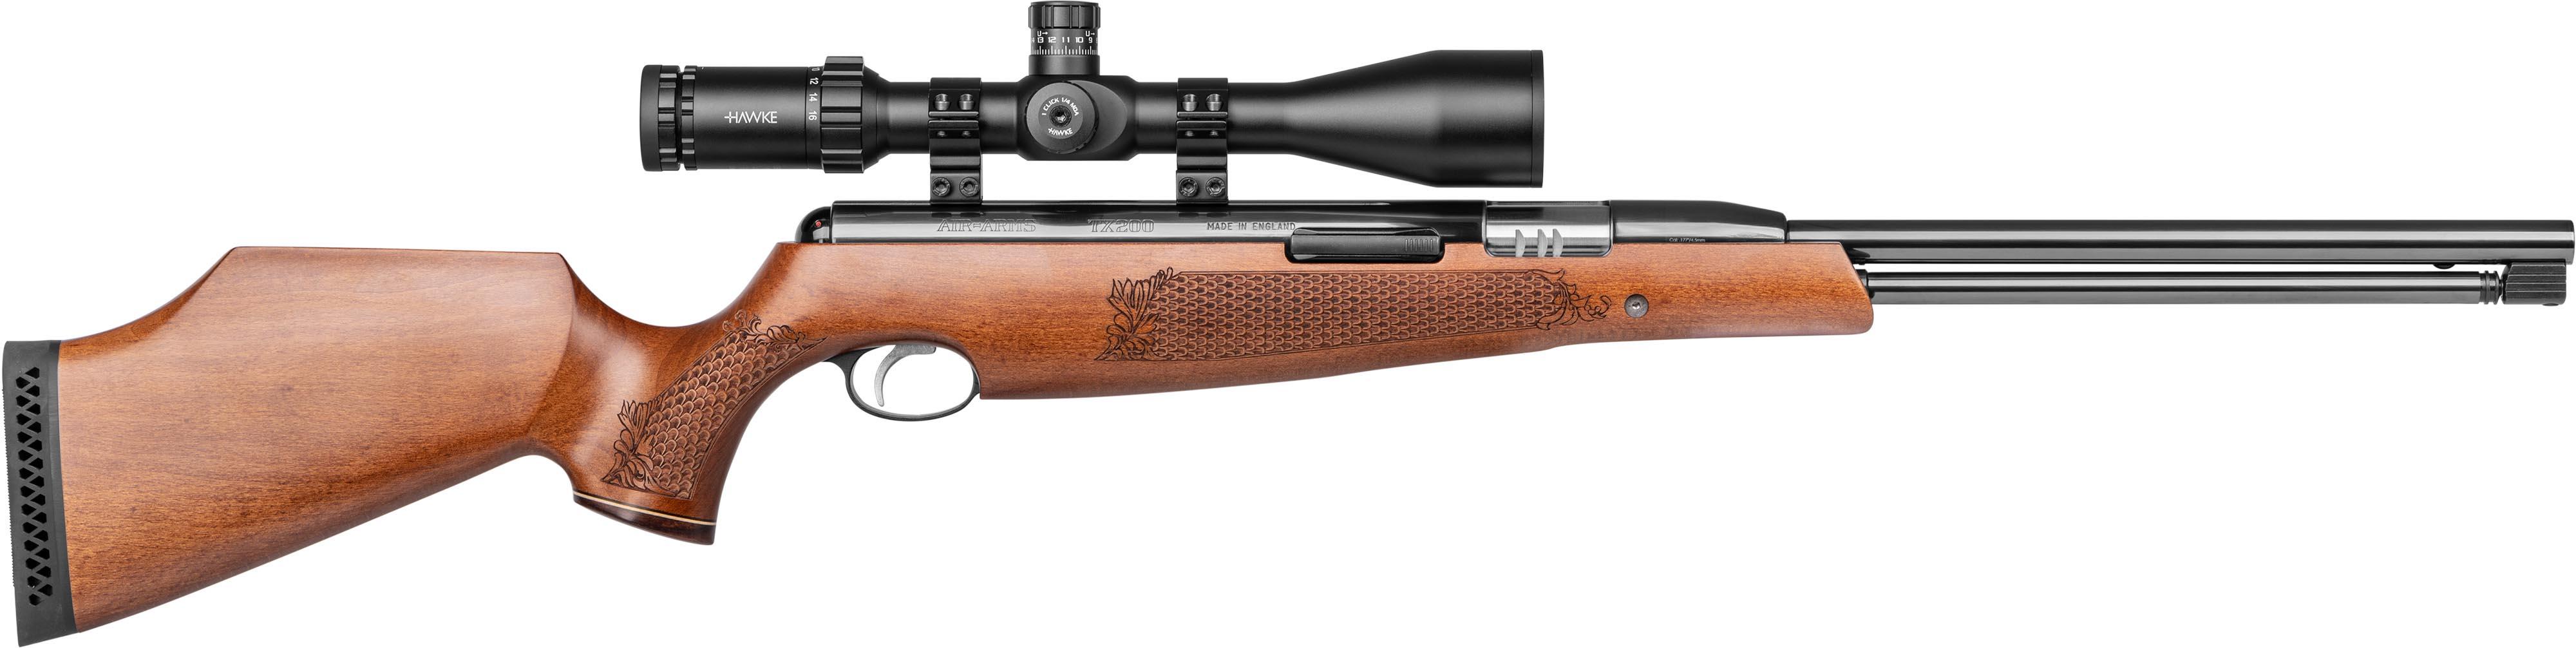 TX200 MkIII - Spring Rifles | Air Arms